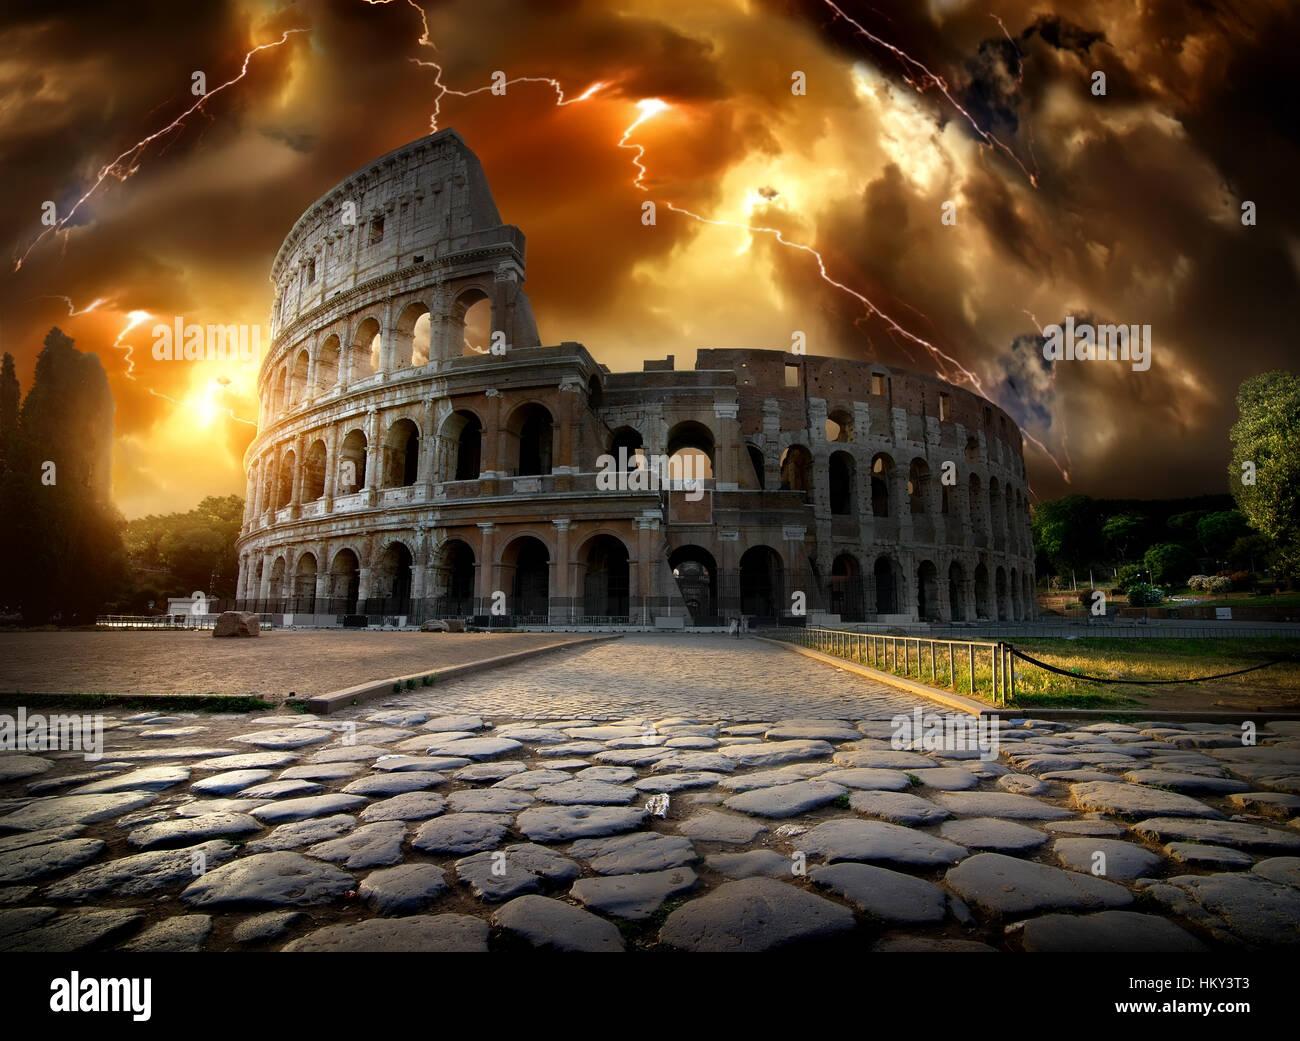 Tormenta con un rayo por encima del Coliseo en Roma, Italia Foto de stock